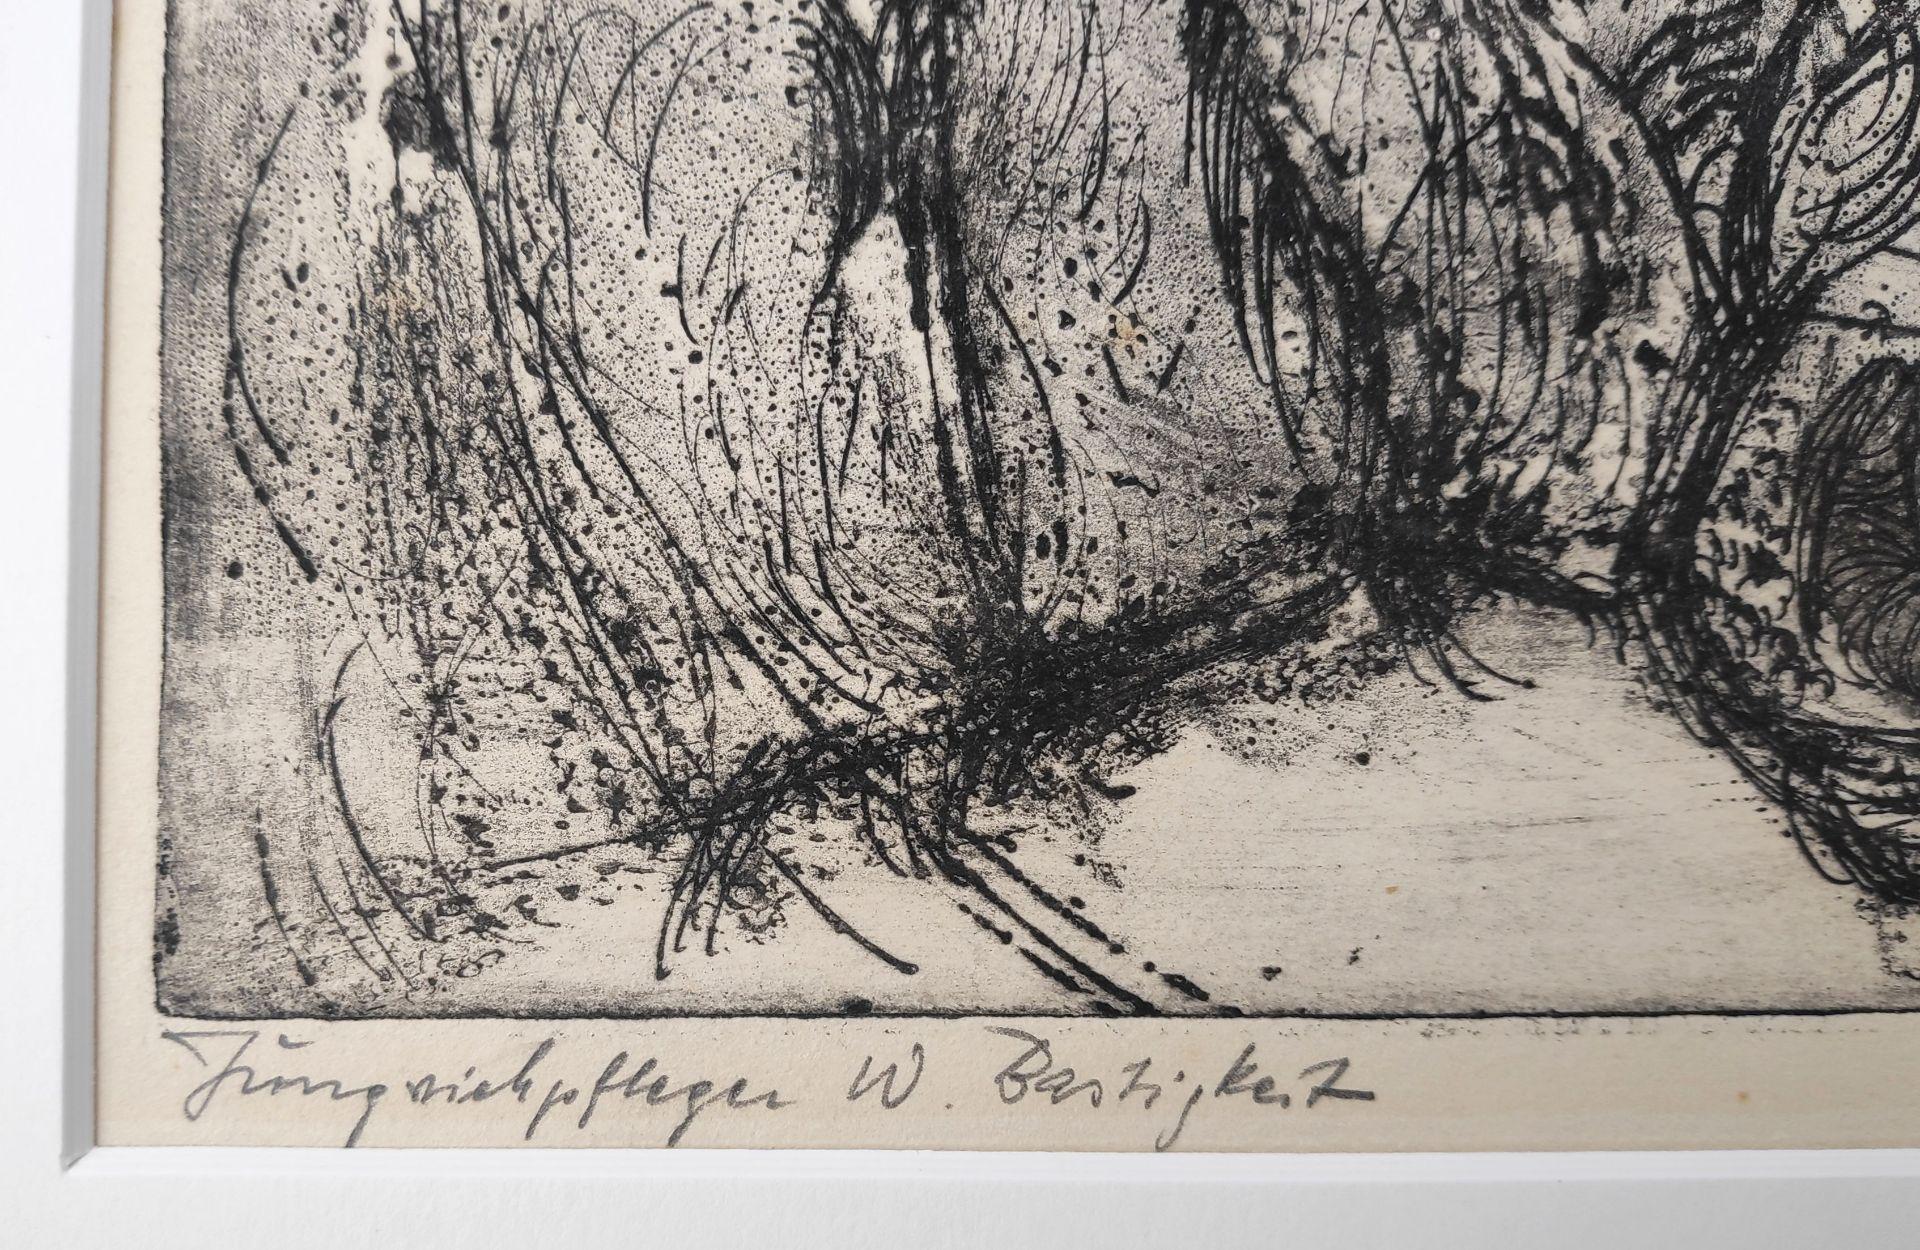 """Dittner, Sieghard (1924 Schneidemühl - 2002 Malchow) """"Jungviehpfleger W. Bastigkeit"""" - Bild 4 aus 4"""